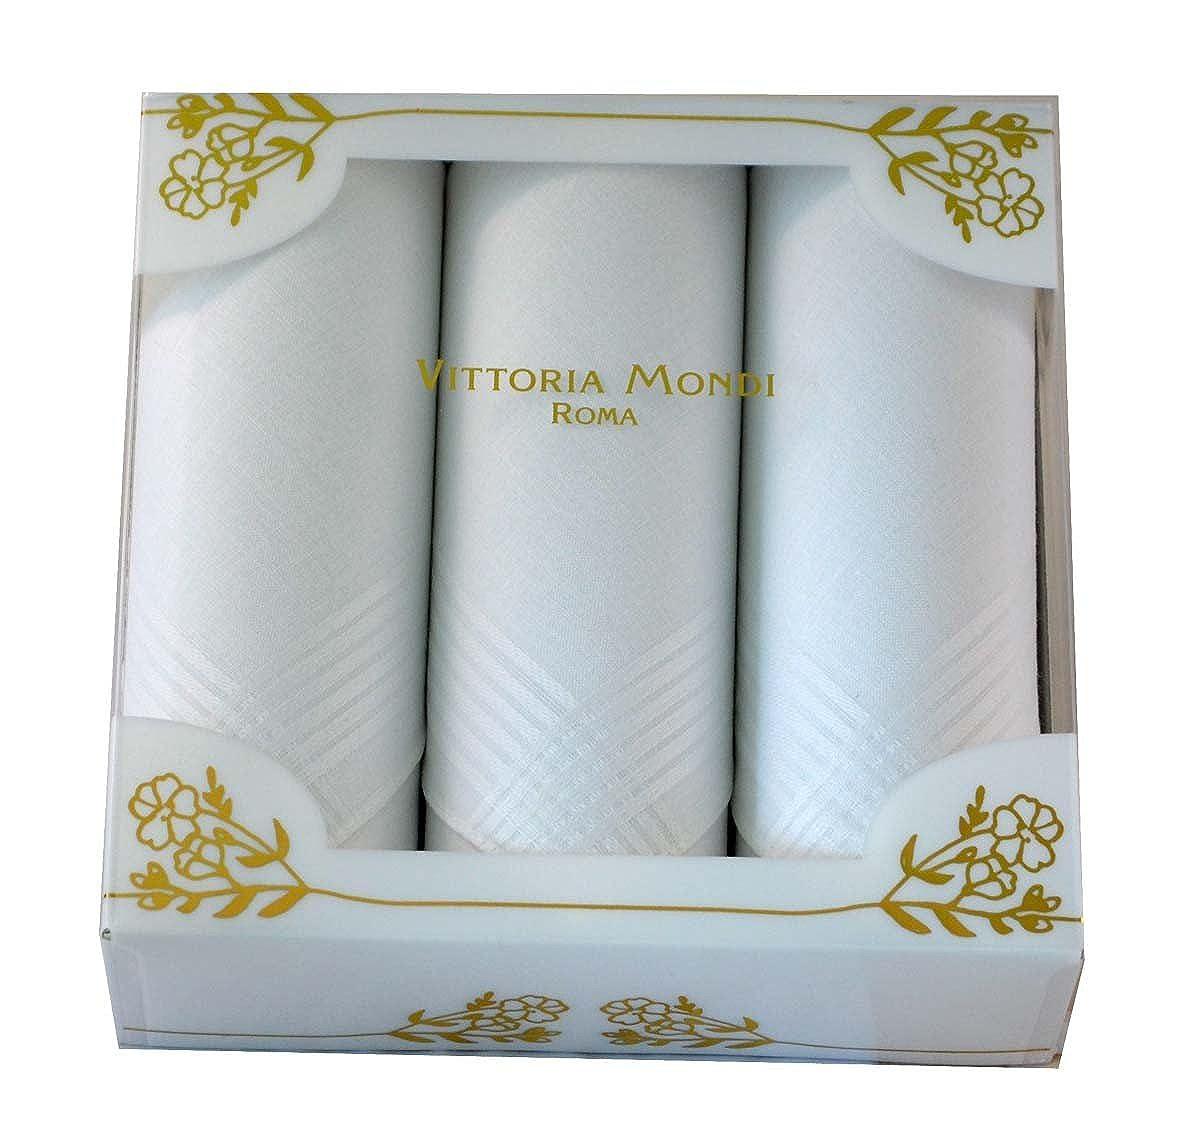 coolkaufen Geschenkpackung mit drei hochwertigen Damentaschentü chern in weiß